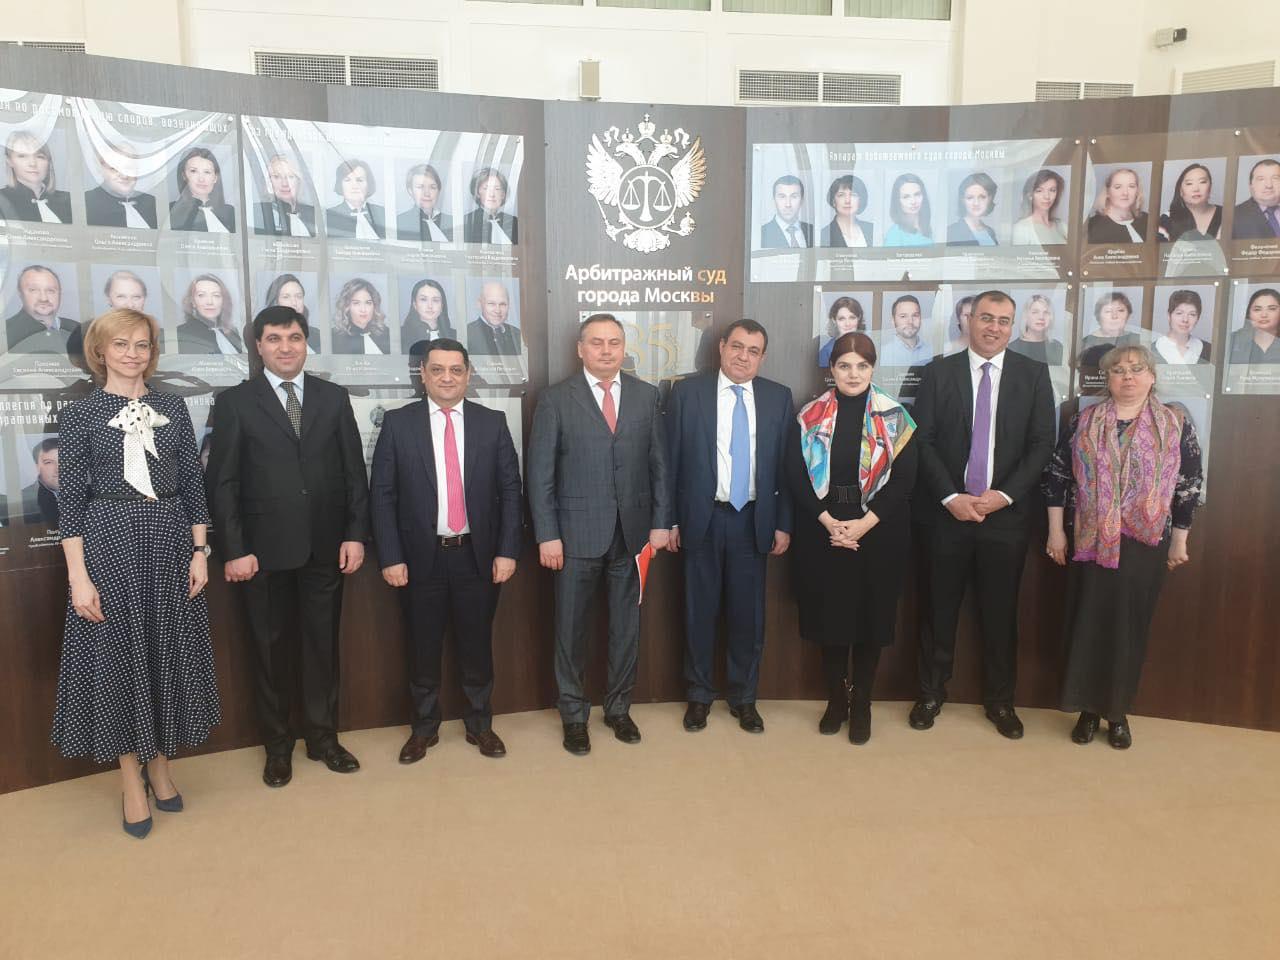 Photo of Շարունակվում են ՀՀ դատական իշխանության պատվիրակության պաշտոնական հանդիպումները ՌԴ մայրաքաղաքում